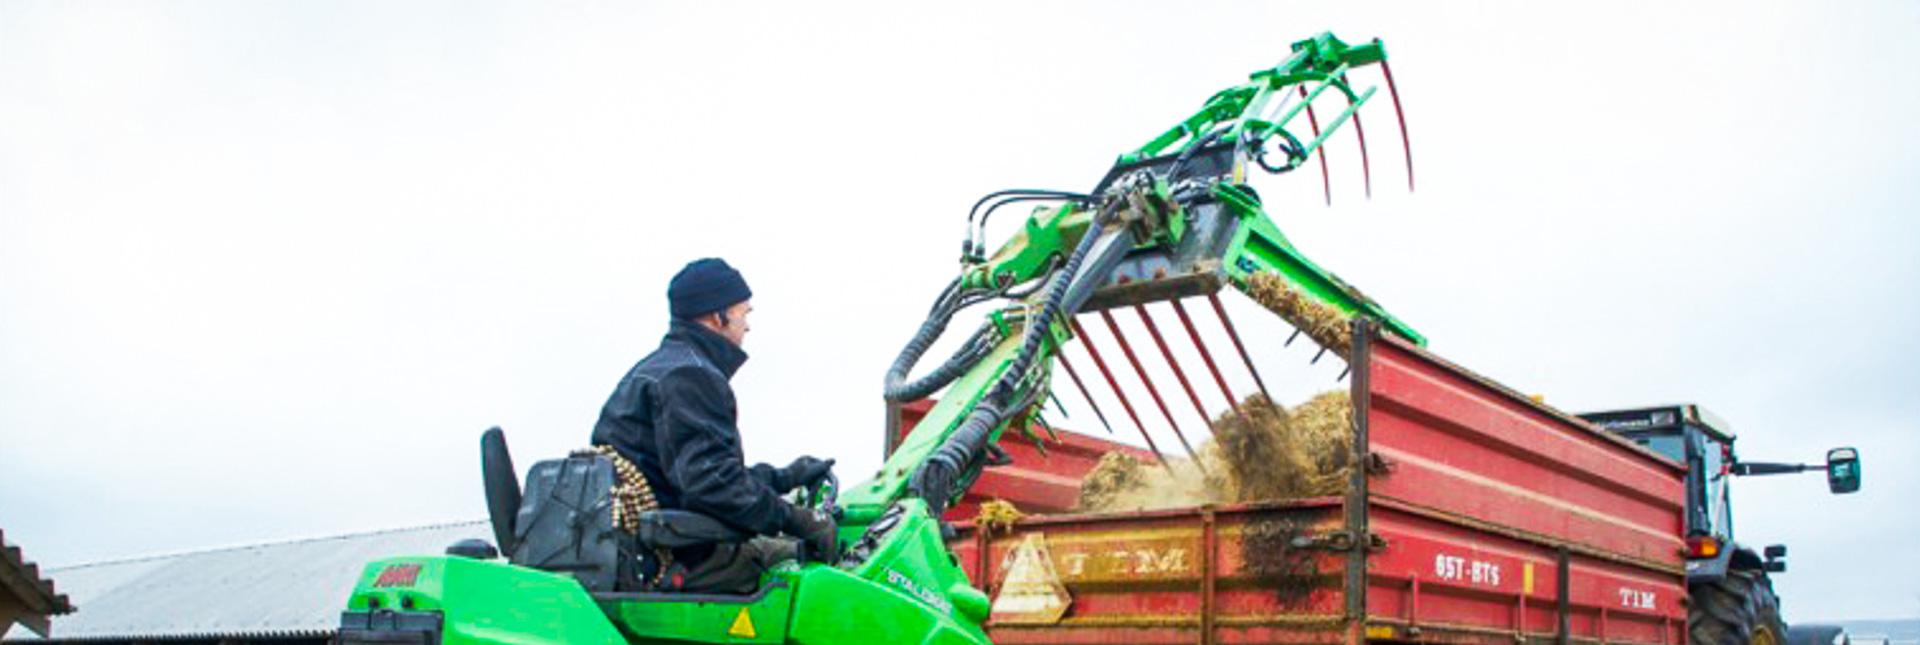 arbejdsbillede af et Klip-Klap Greb med overfald i brug på en AVANT på en minkfarm